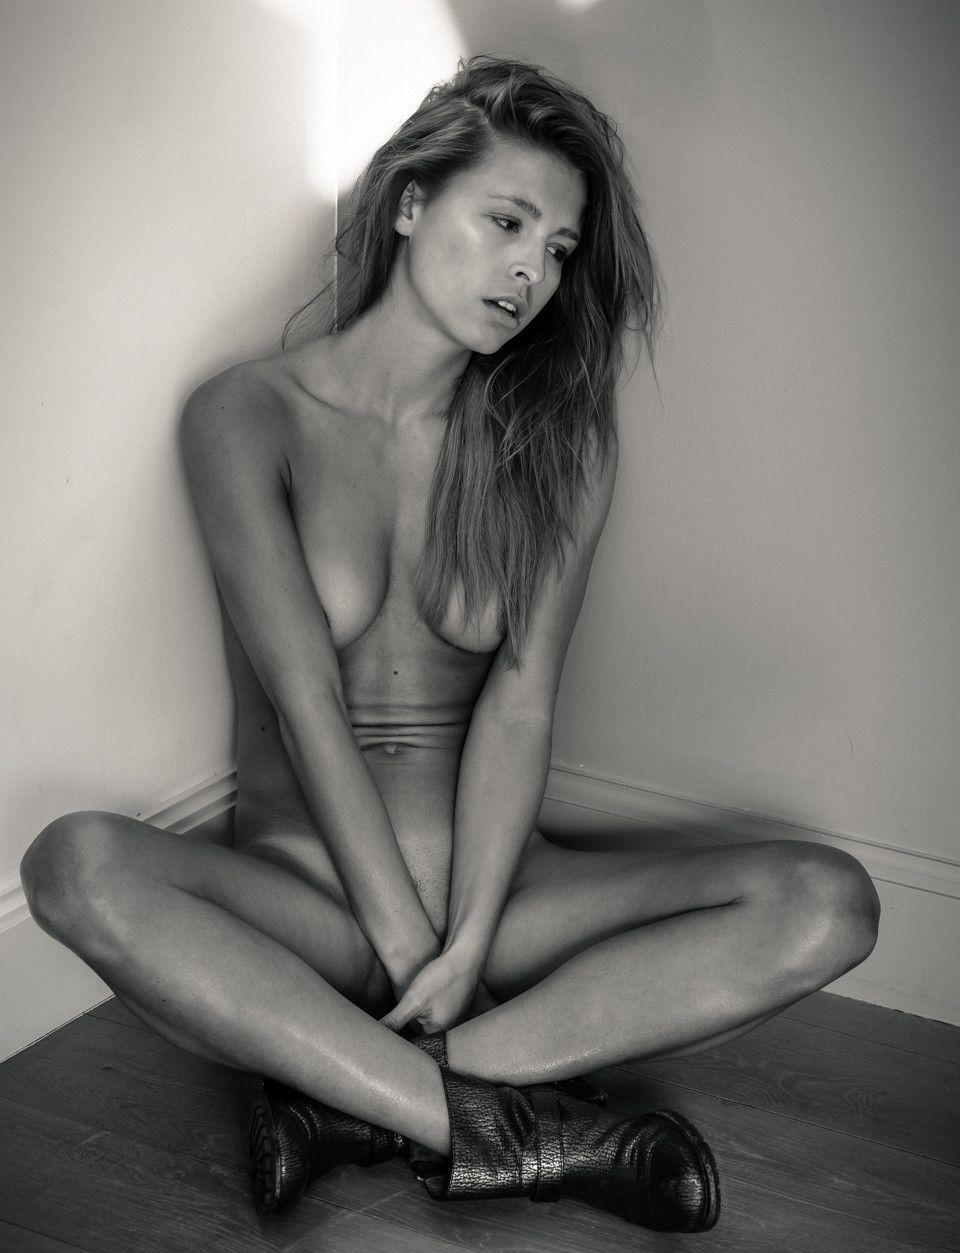 Vicky valentine uk pornstar